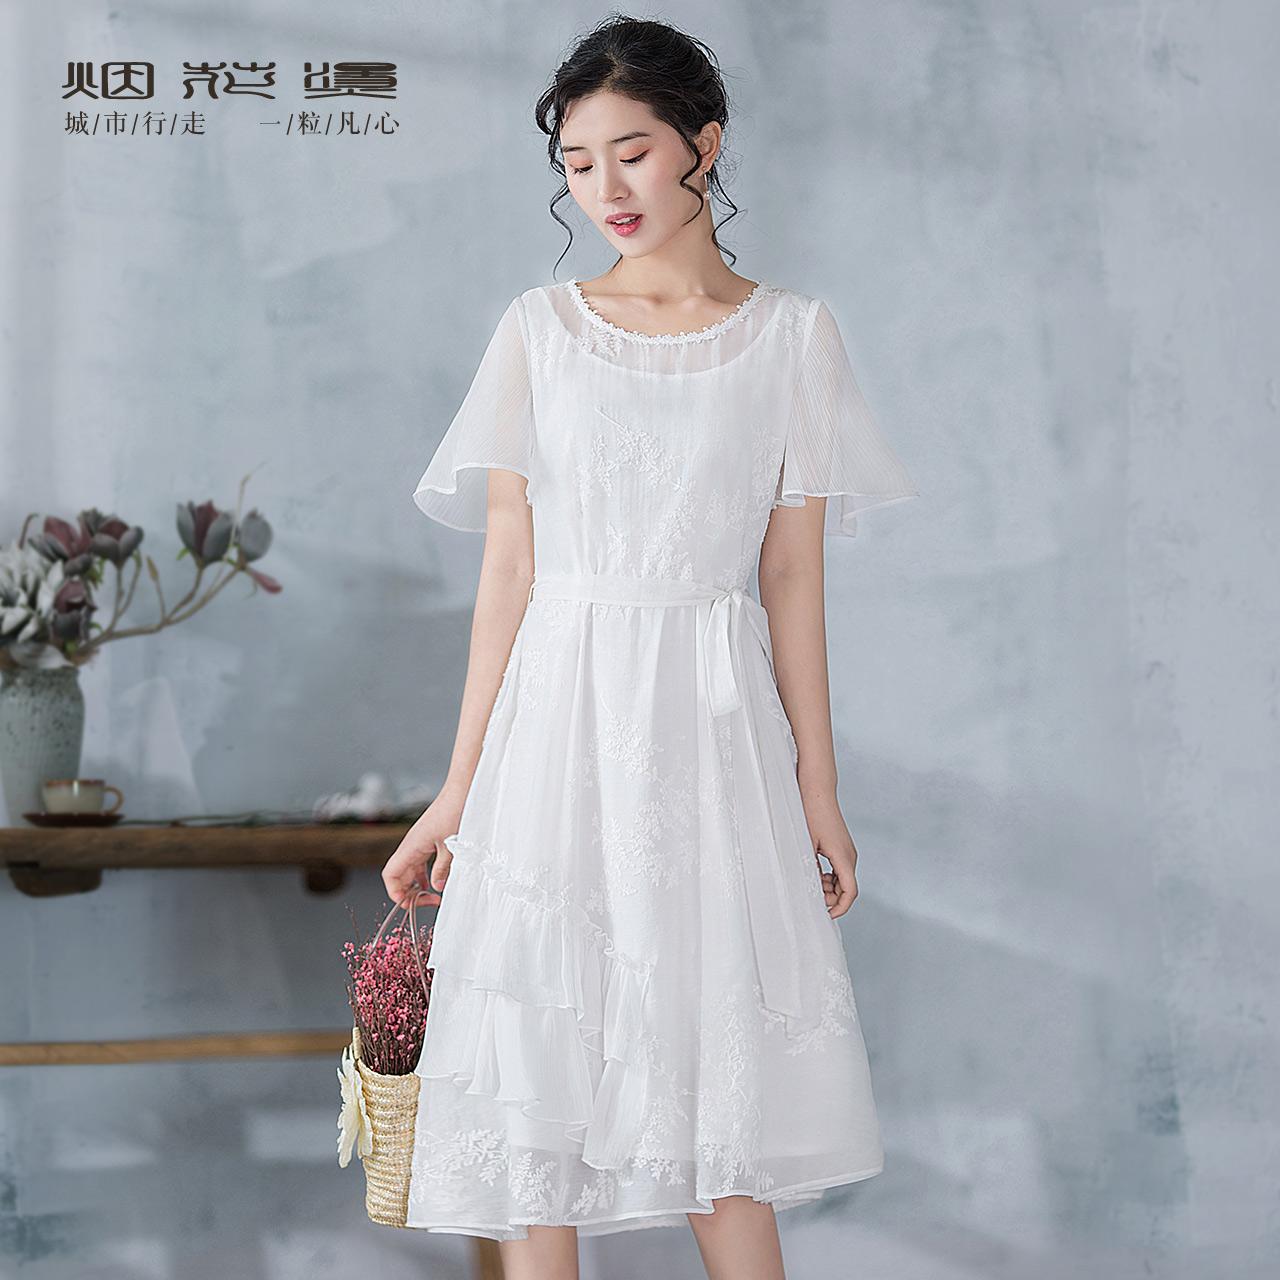 烟花烫CYM圆领花边绣花白色系带大摆连衣裙 焕雨